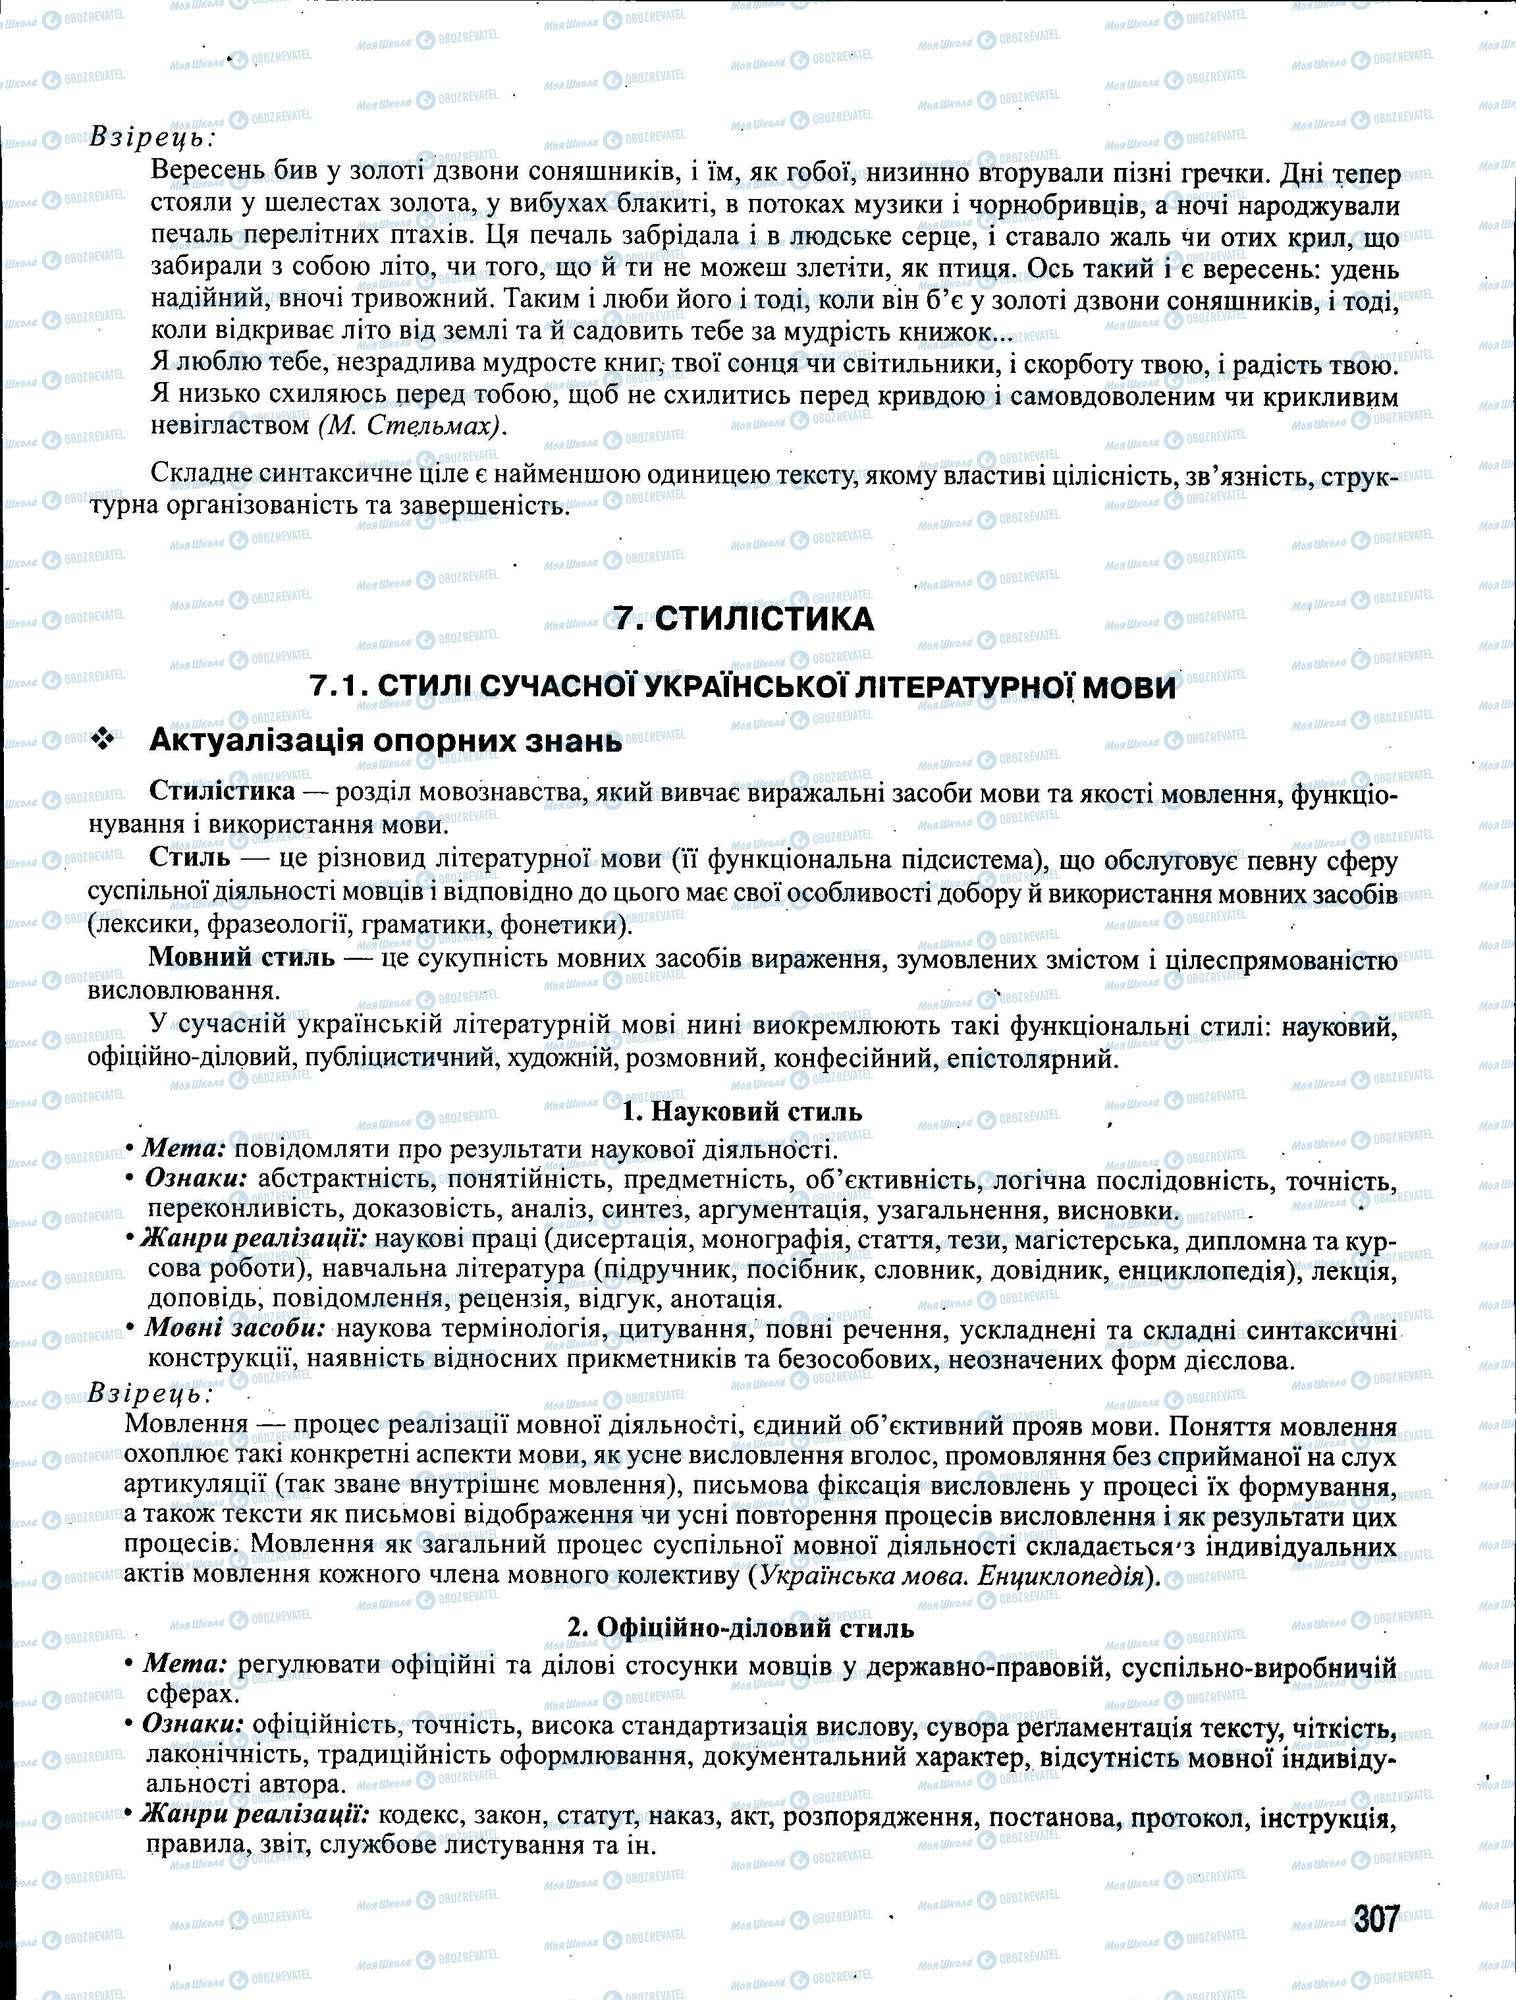 ЗНО Укр мова 11 класс страница 307